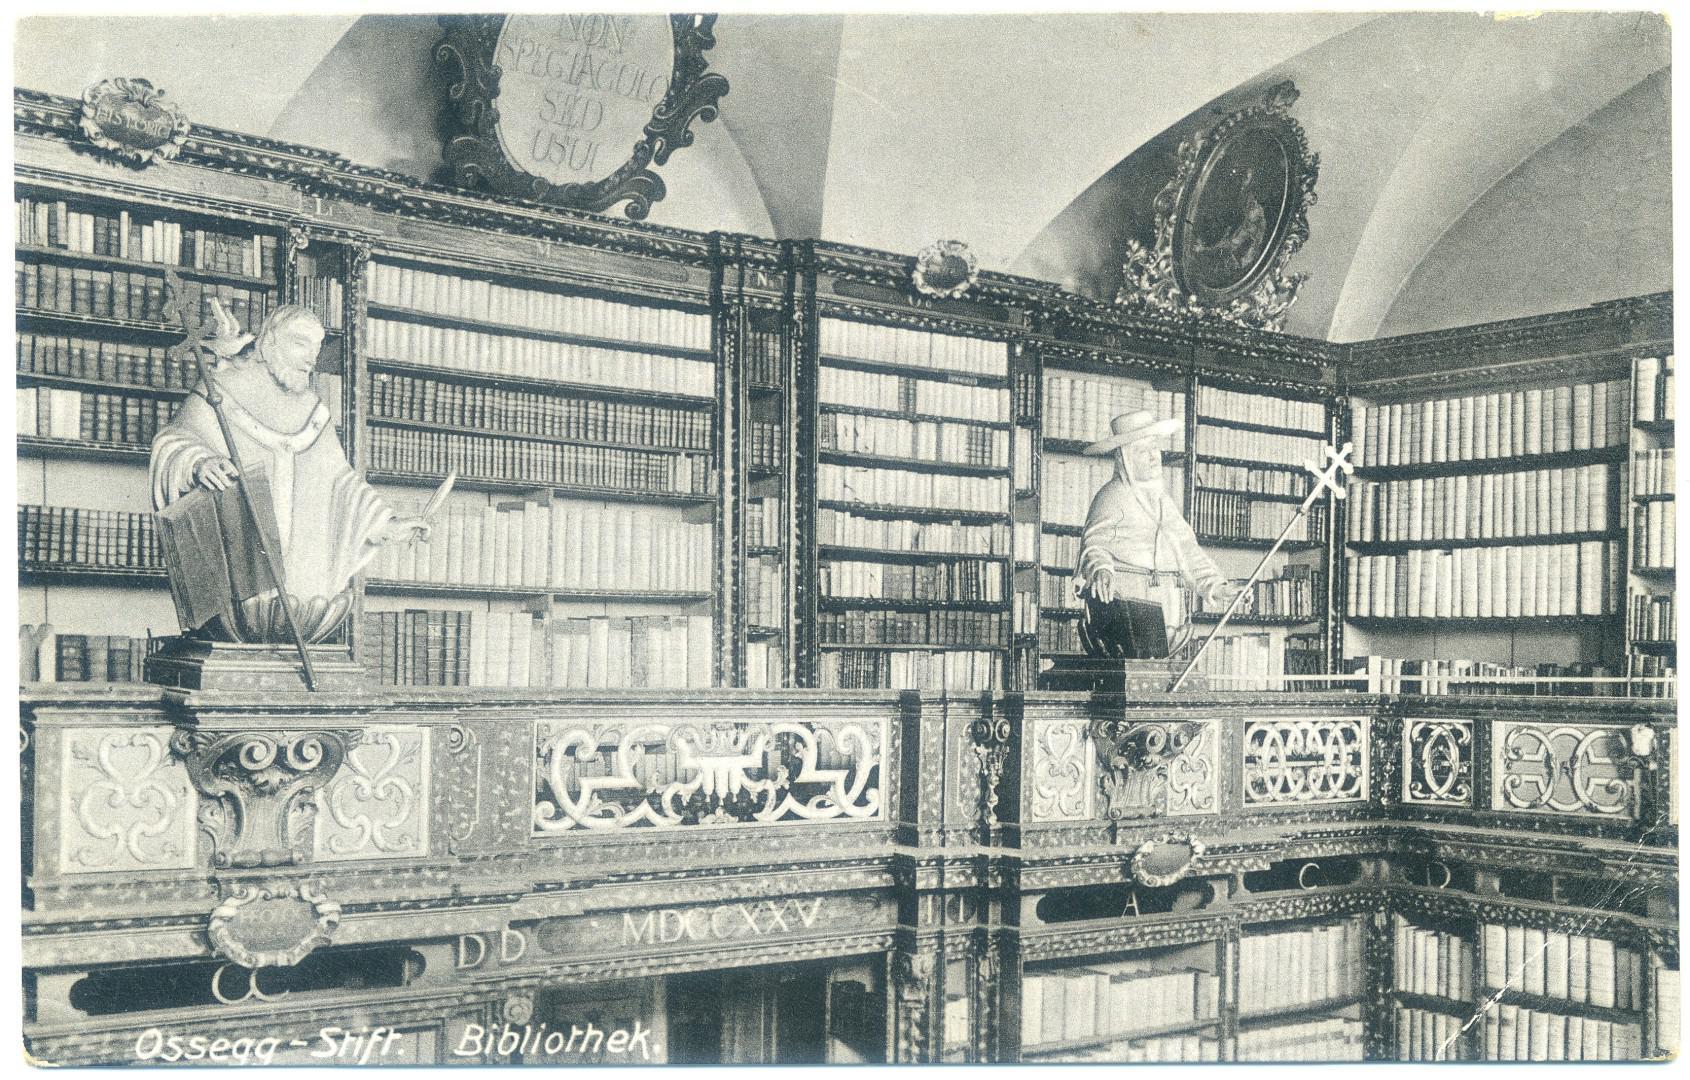 Klosterbibliothek Osek (Ossegg) - Zisterzienser